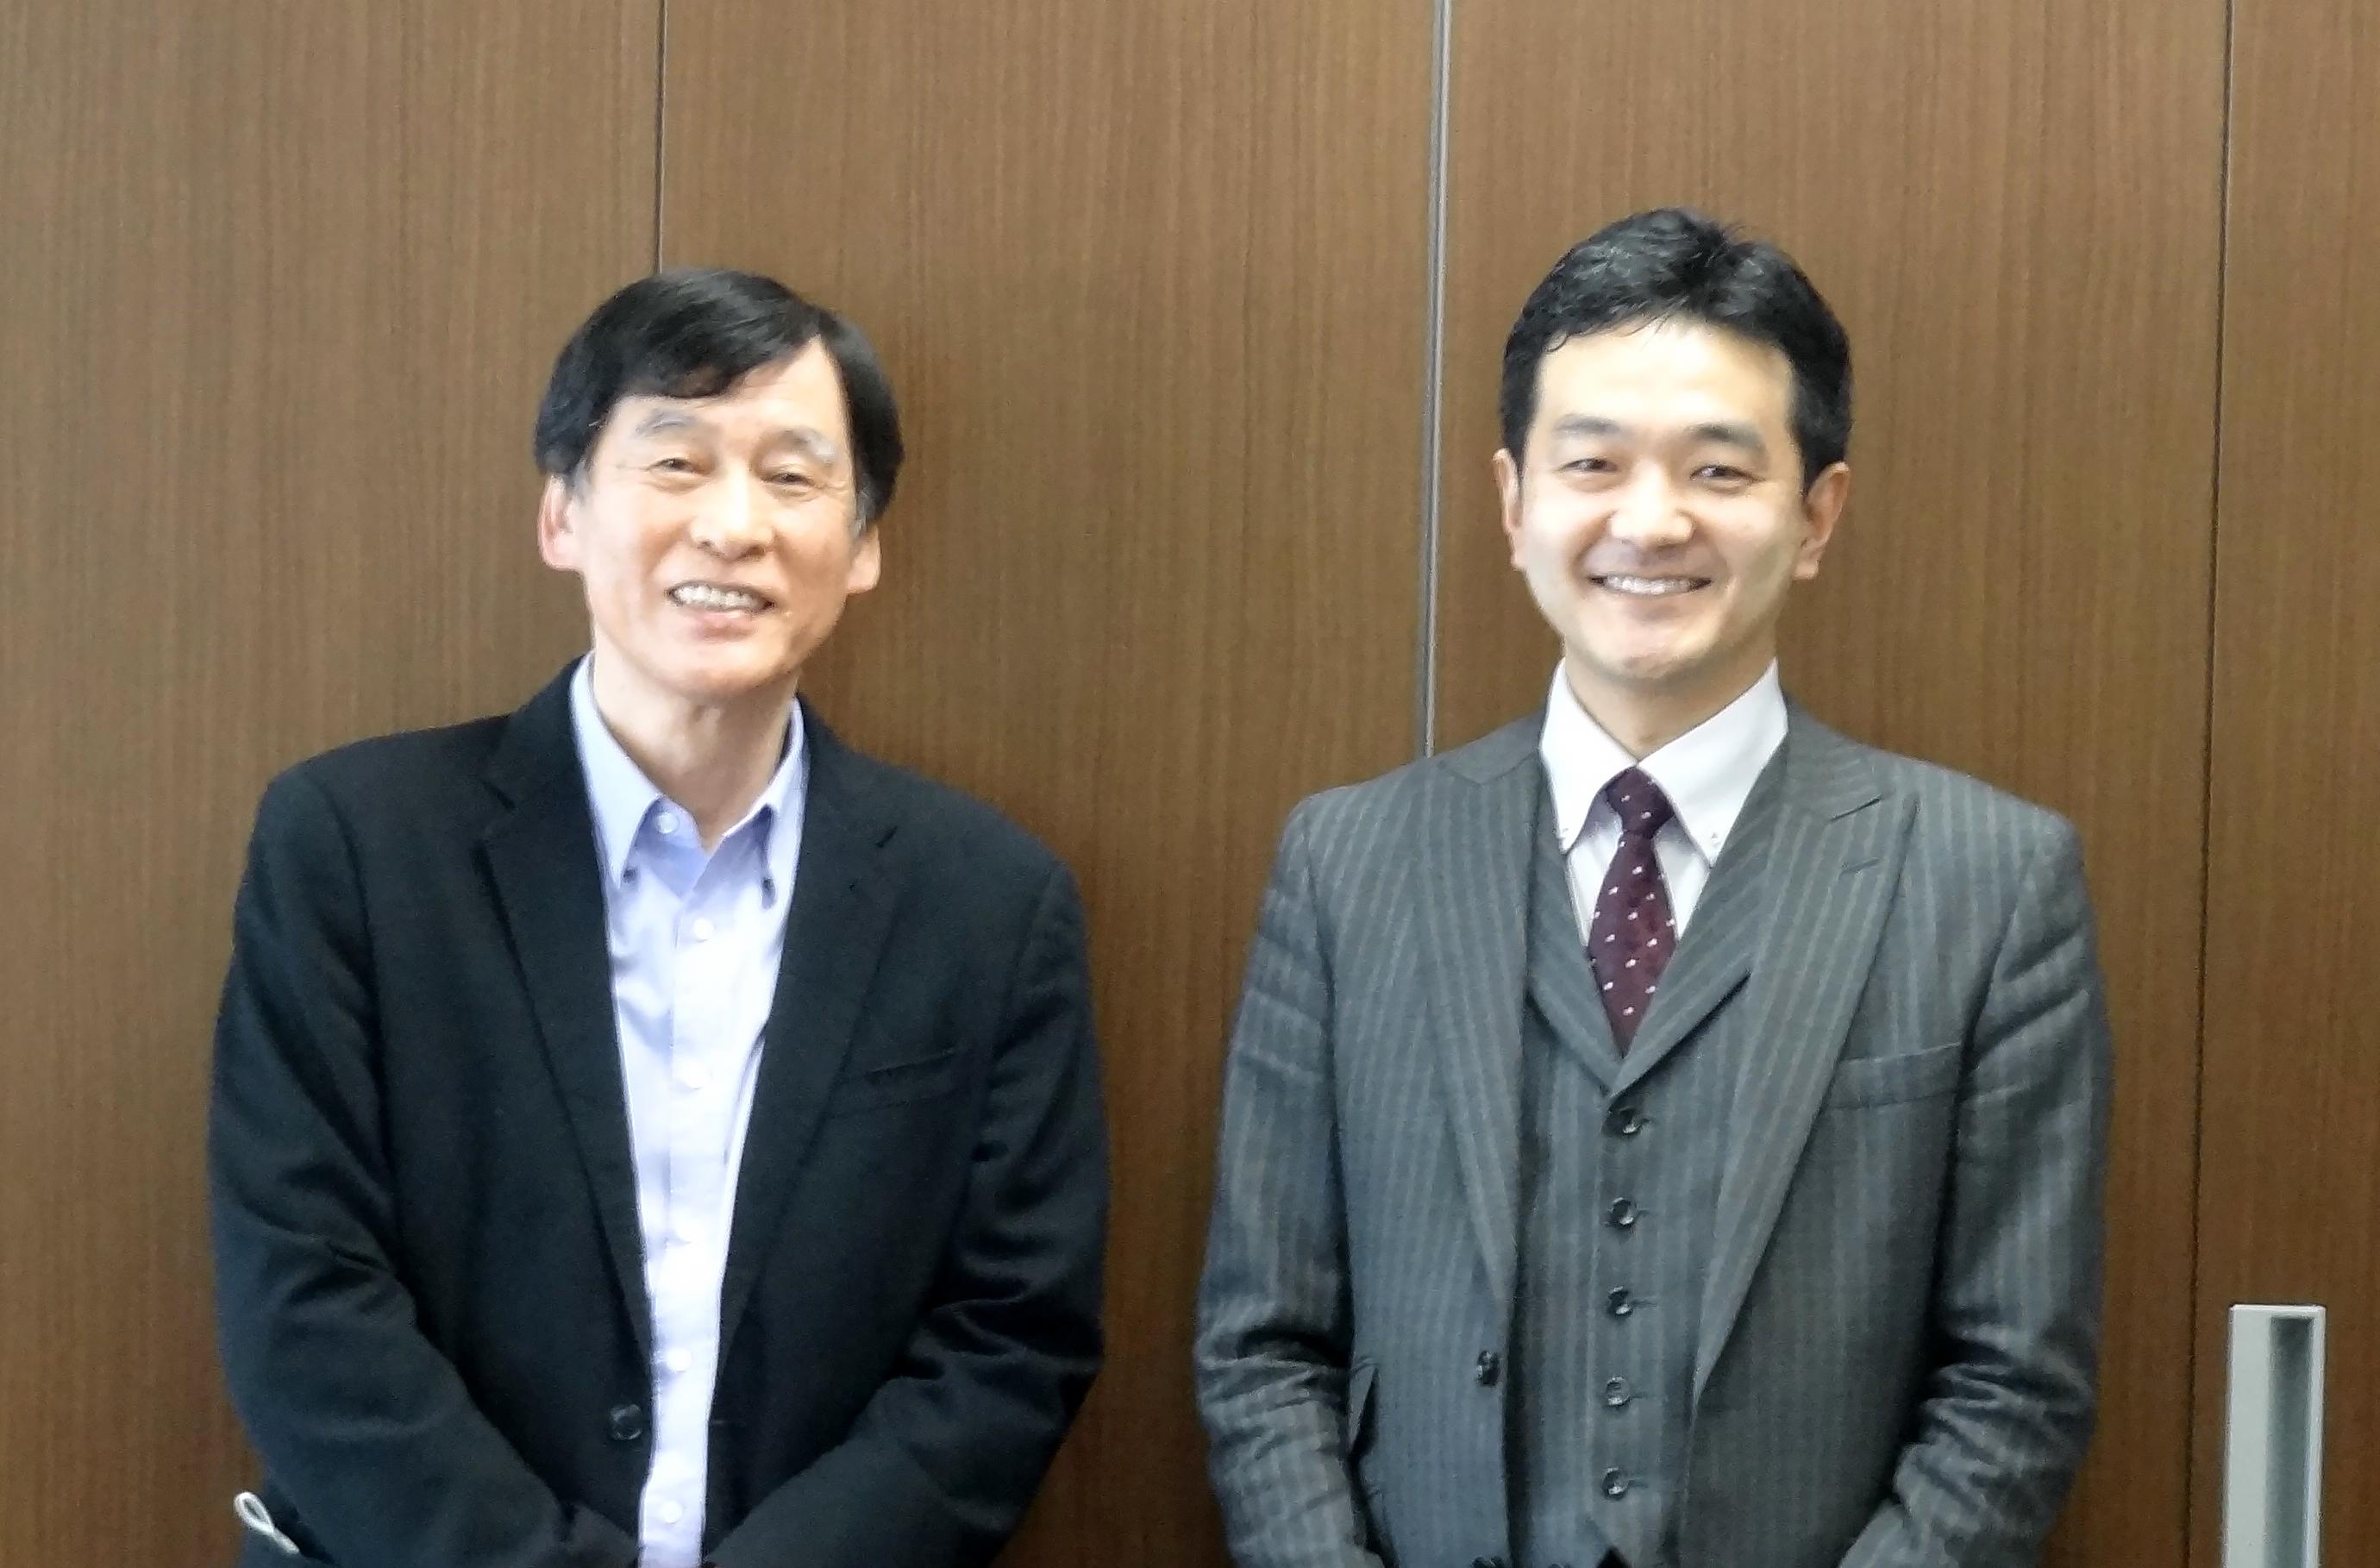 インターネットラジオでGC&T代表・梅澤直臣のインタビュー(前編)掲載(英語講師・早川幸治<Jay>さん)